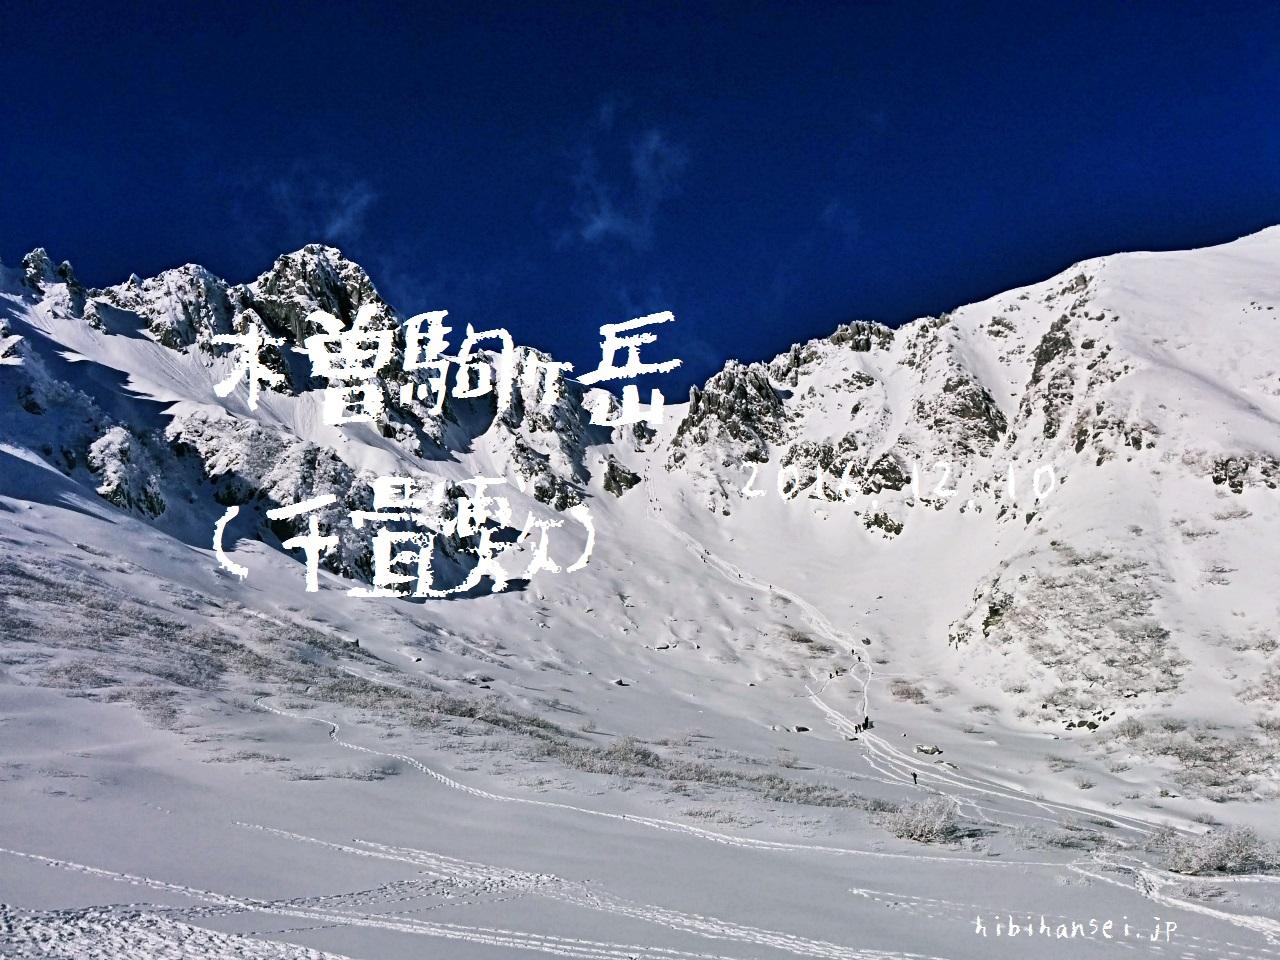 木曽駒ヶ岳 雪山登山(千畳敷) 宝剣から吹き下ろす地吹雪の波(2016.12.10)